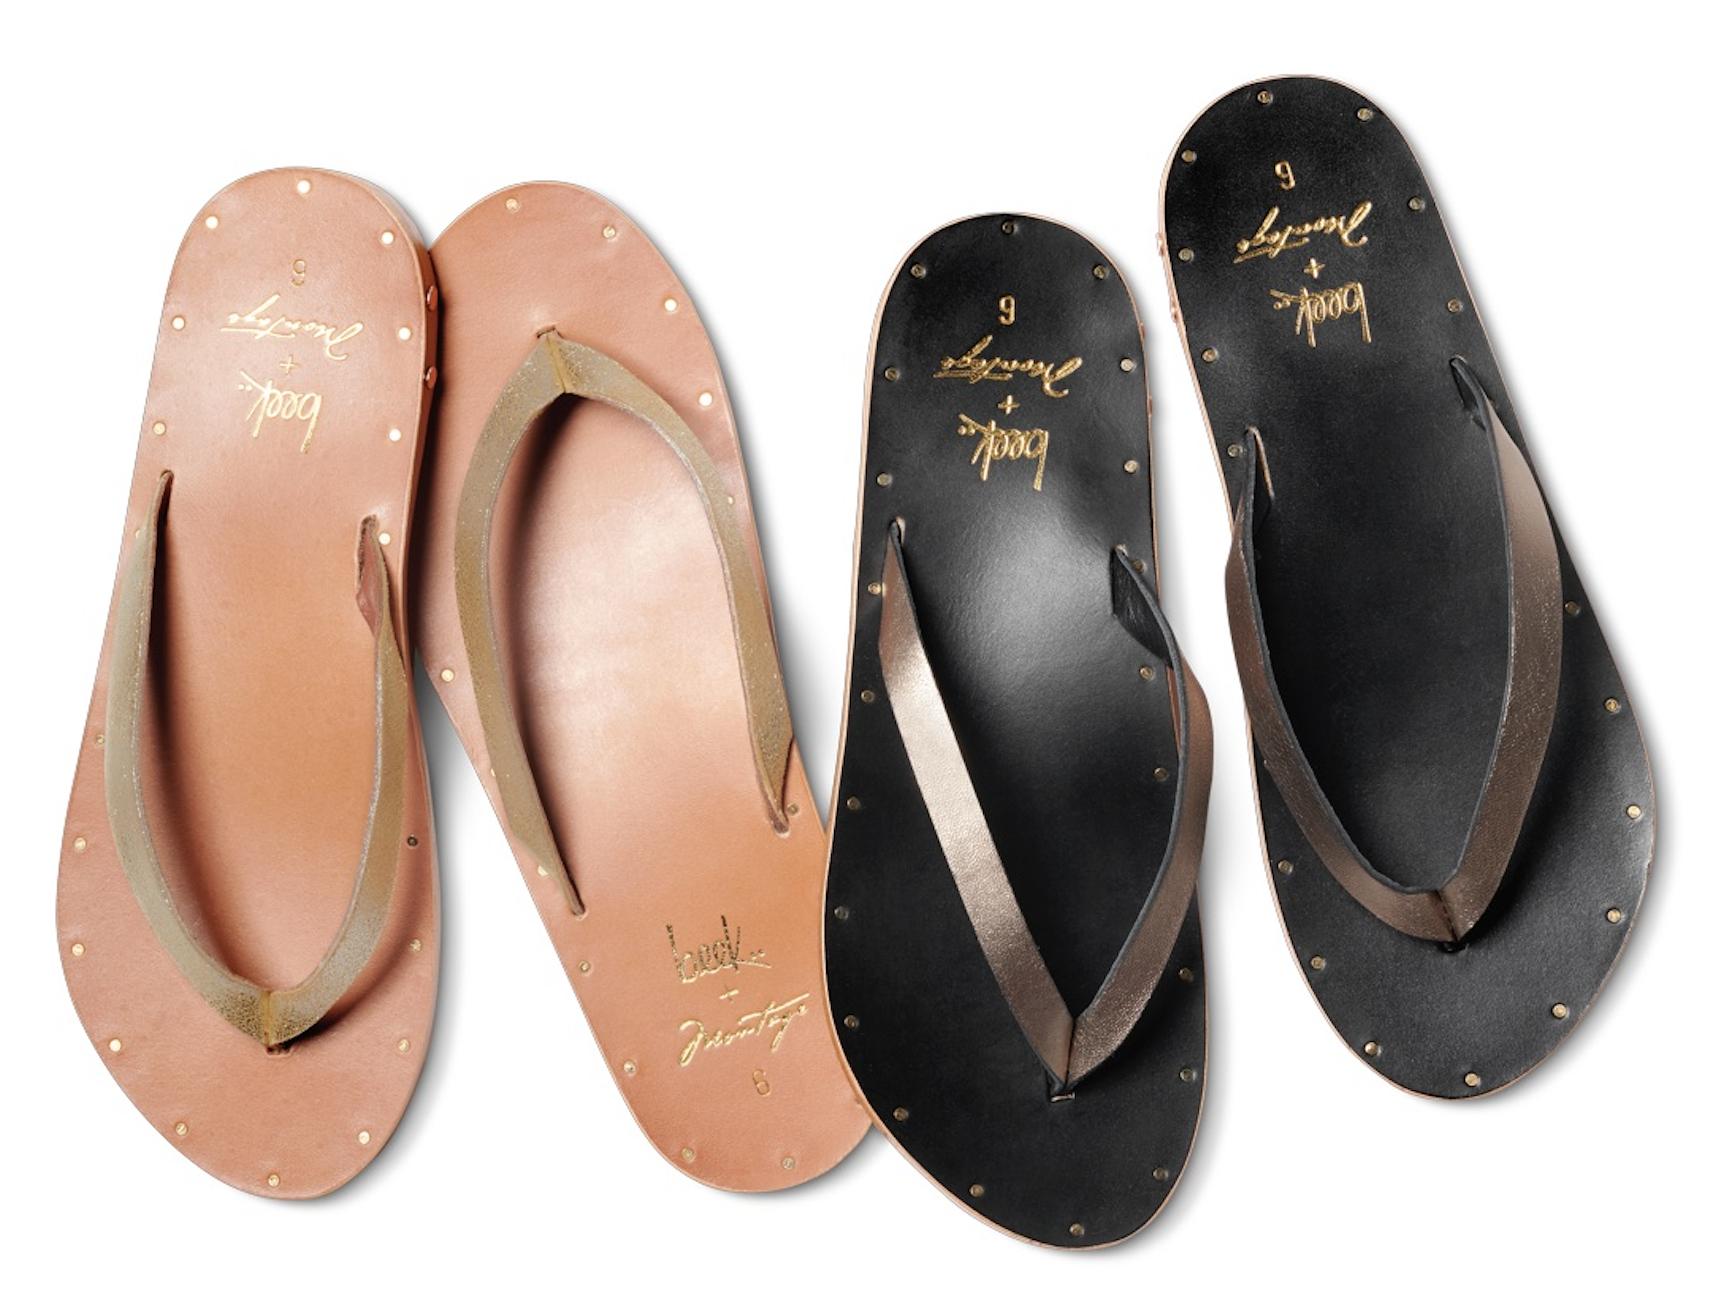 beek x montage, beek, montage slippers